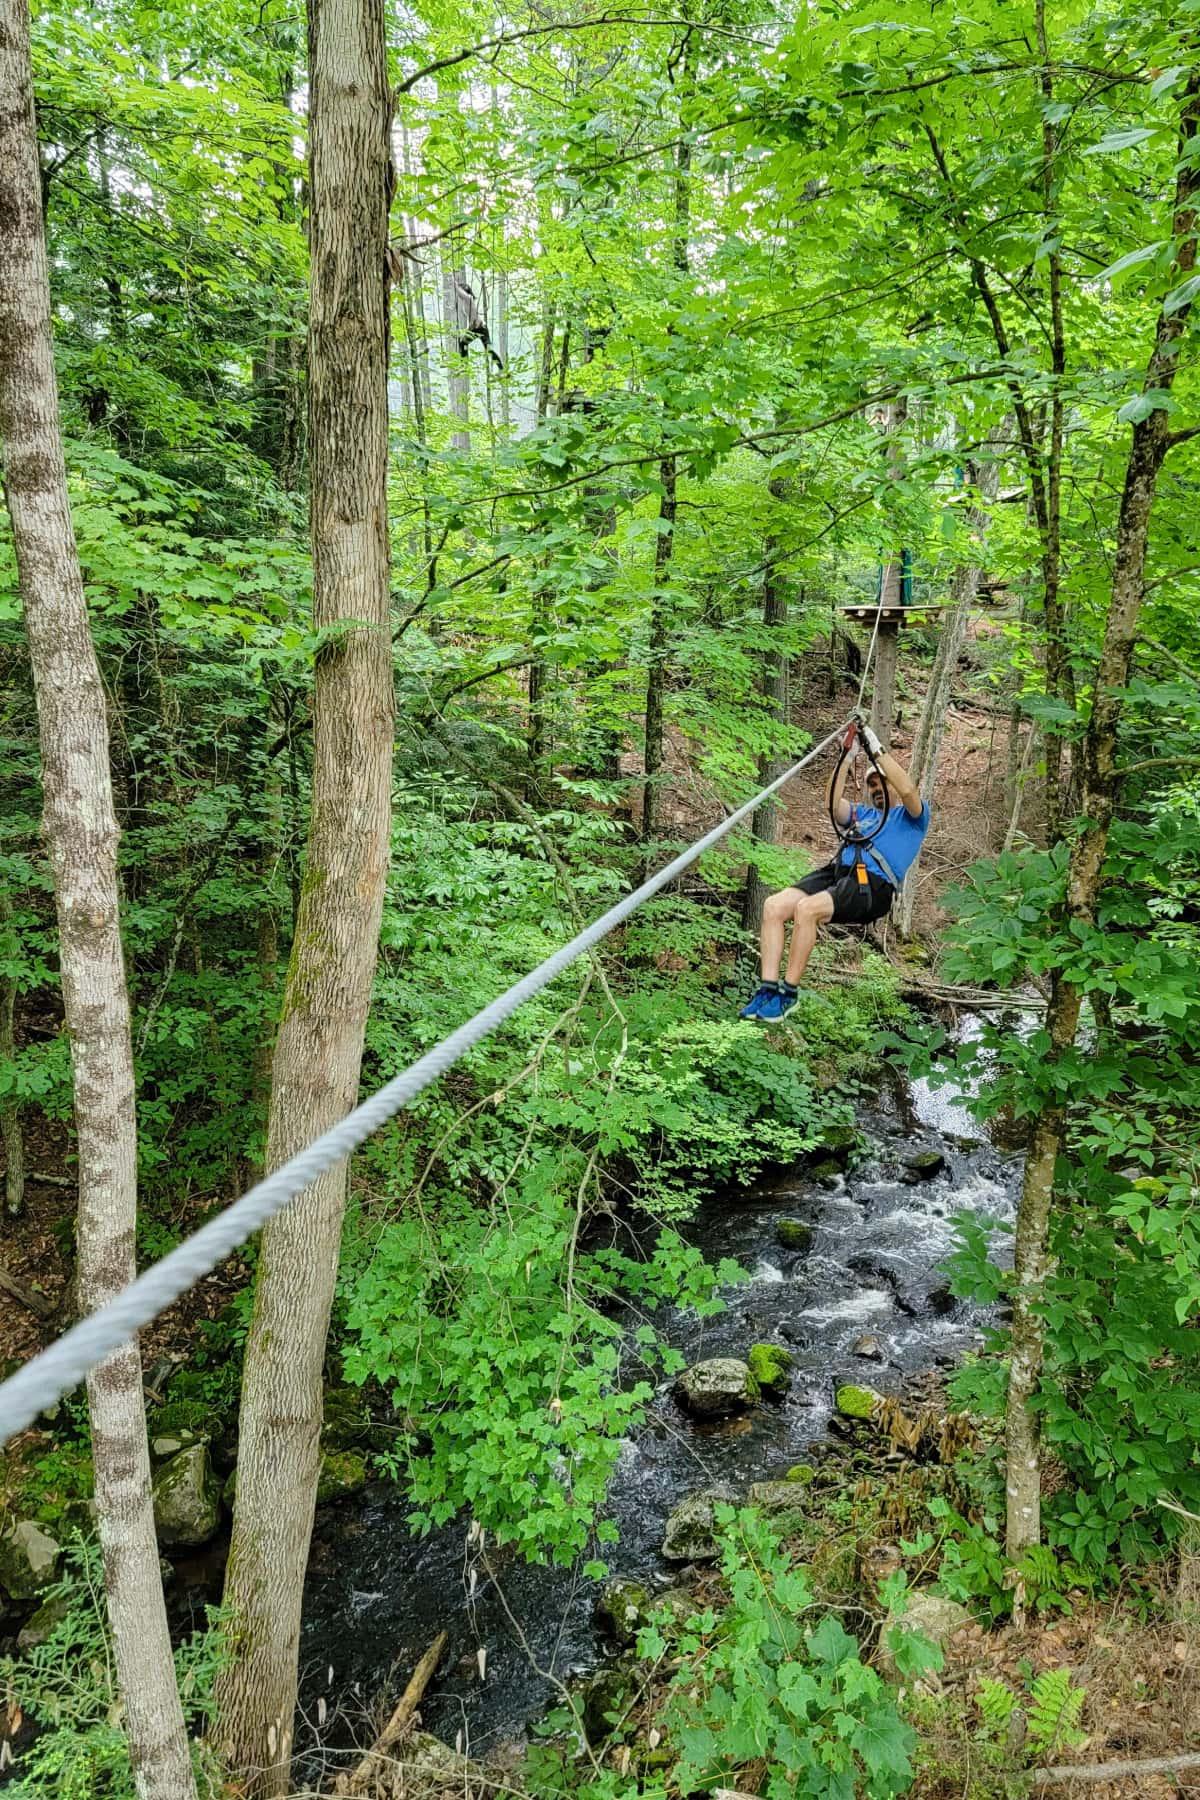 Ziplining at Adirondack Extreme